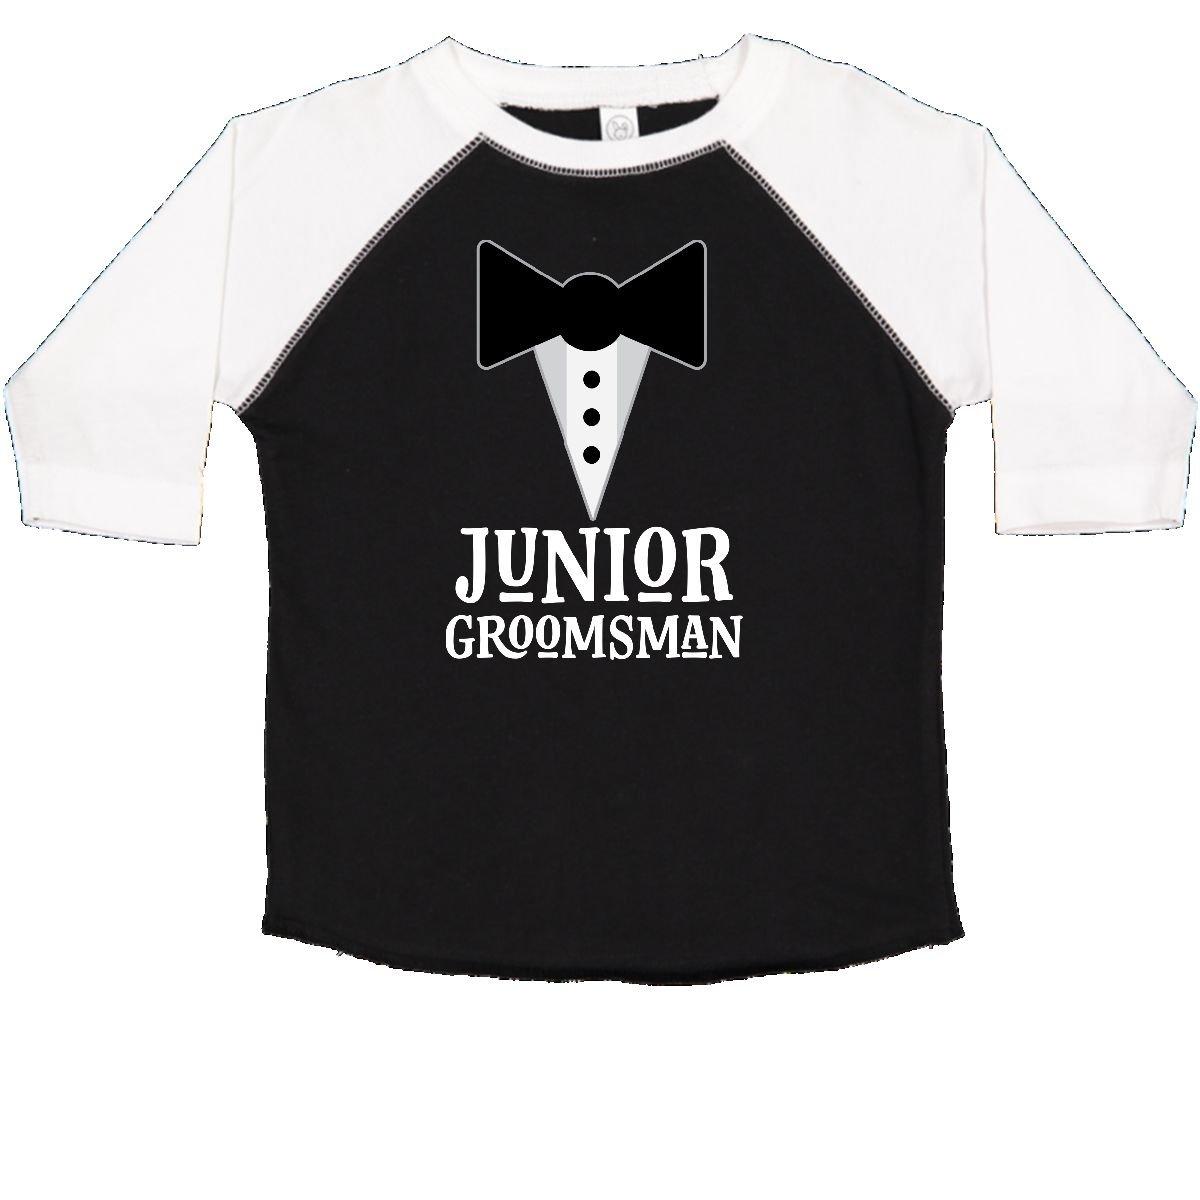 d7017708 Amazon.com: inktastic - Junior Groomsman Boys Wedding Party Mock Tux  Toddler T-Shirt 2dd44: Clothing